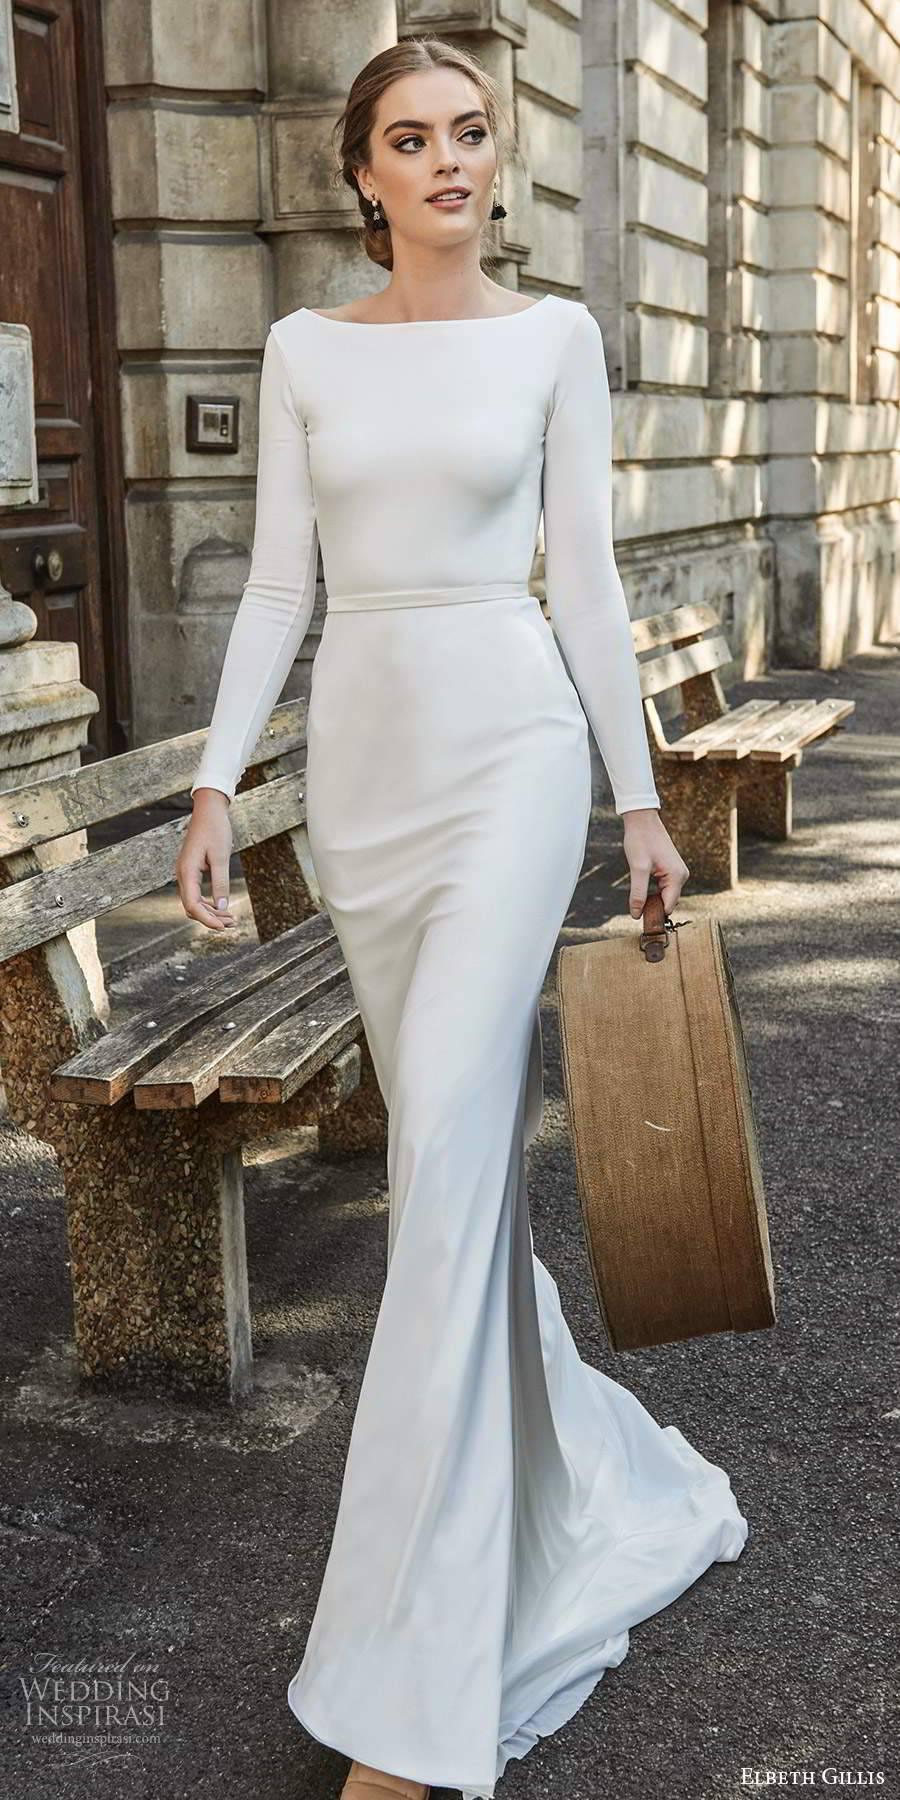 Belle and Alice Wedding Dress | Elbeth Gillis Grace Bridal